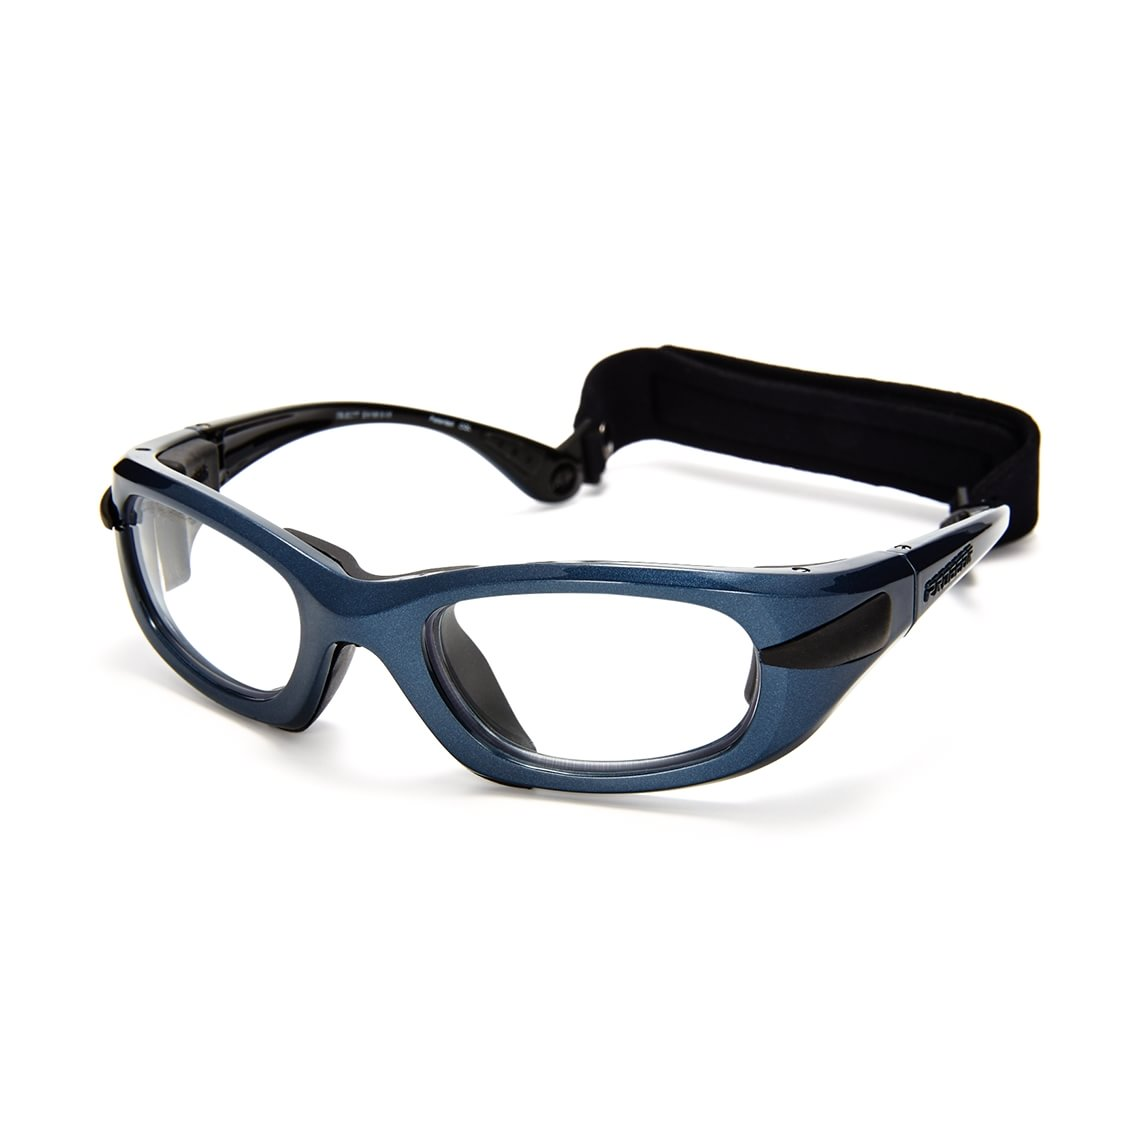 Progear Eyeguard Small EG-S 1010-6